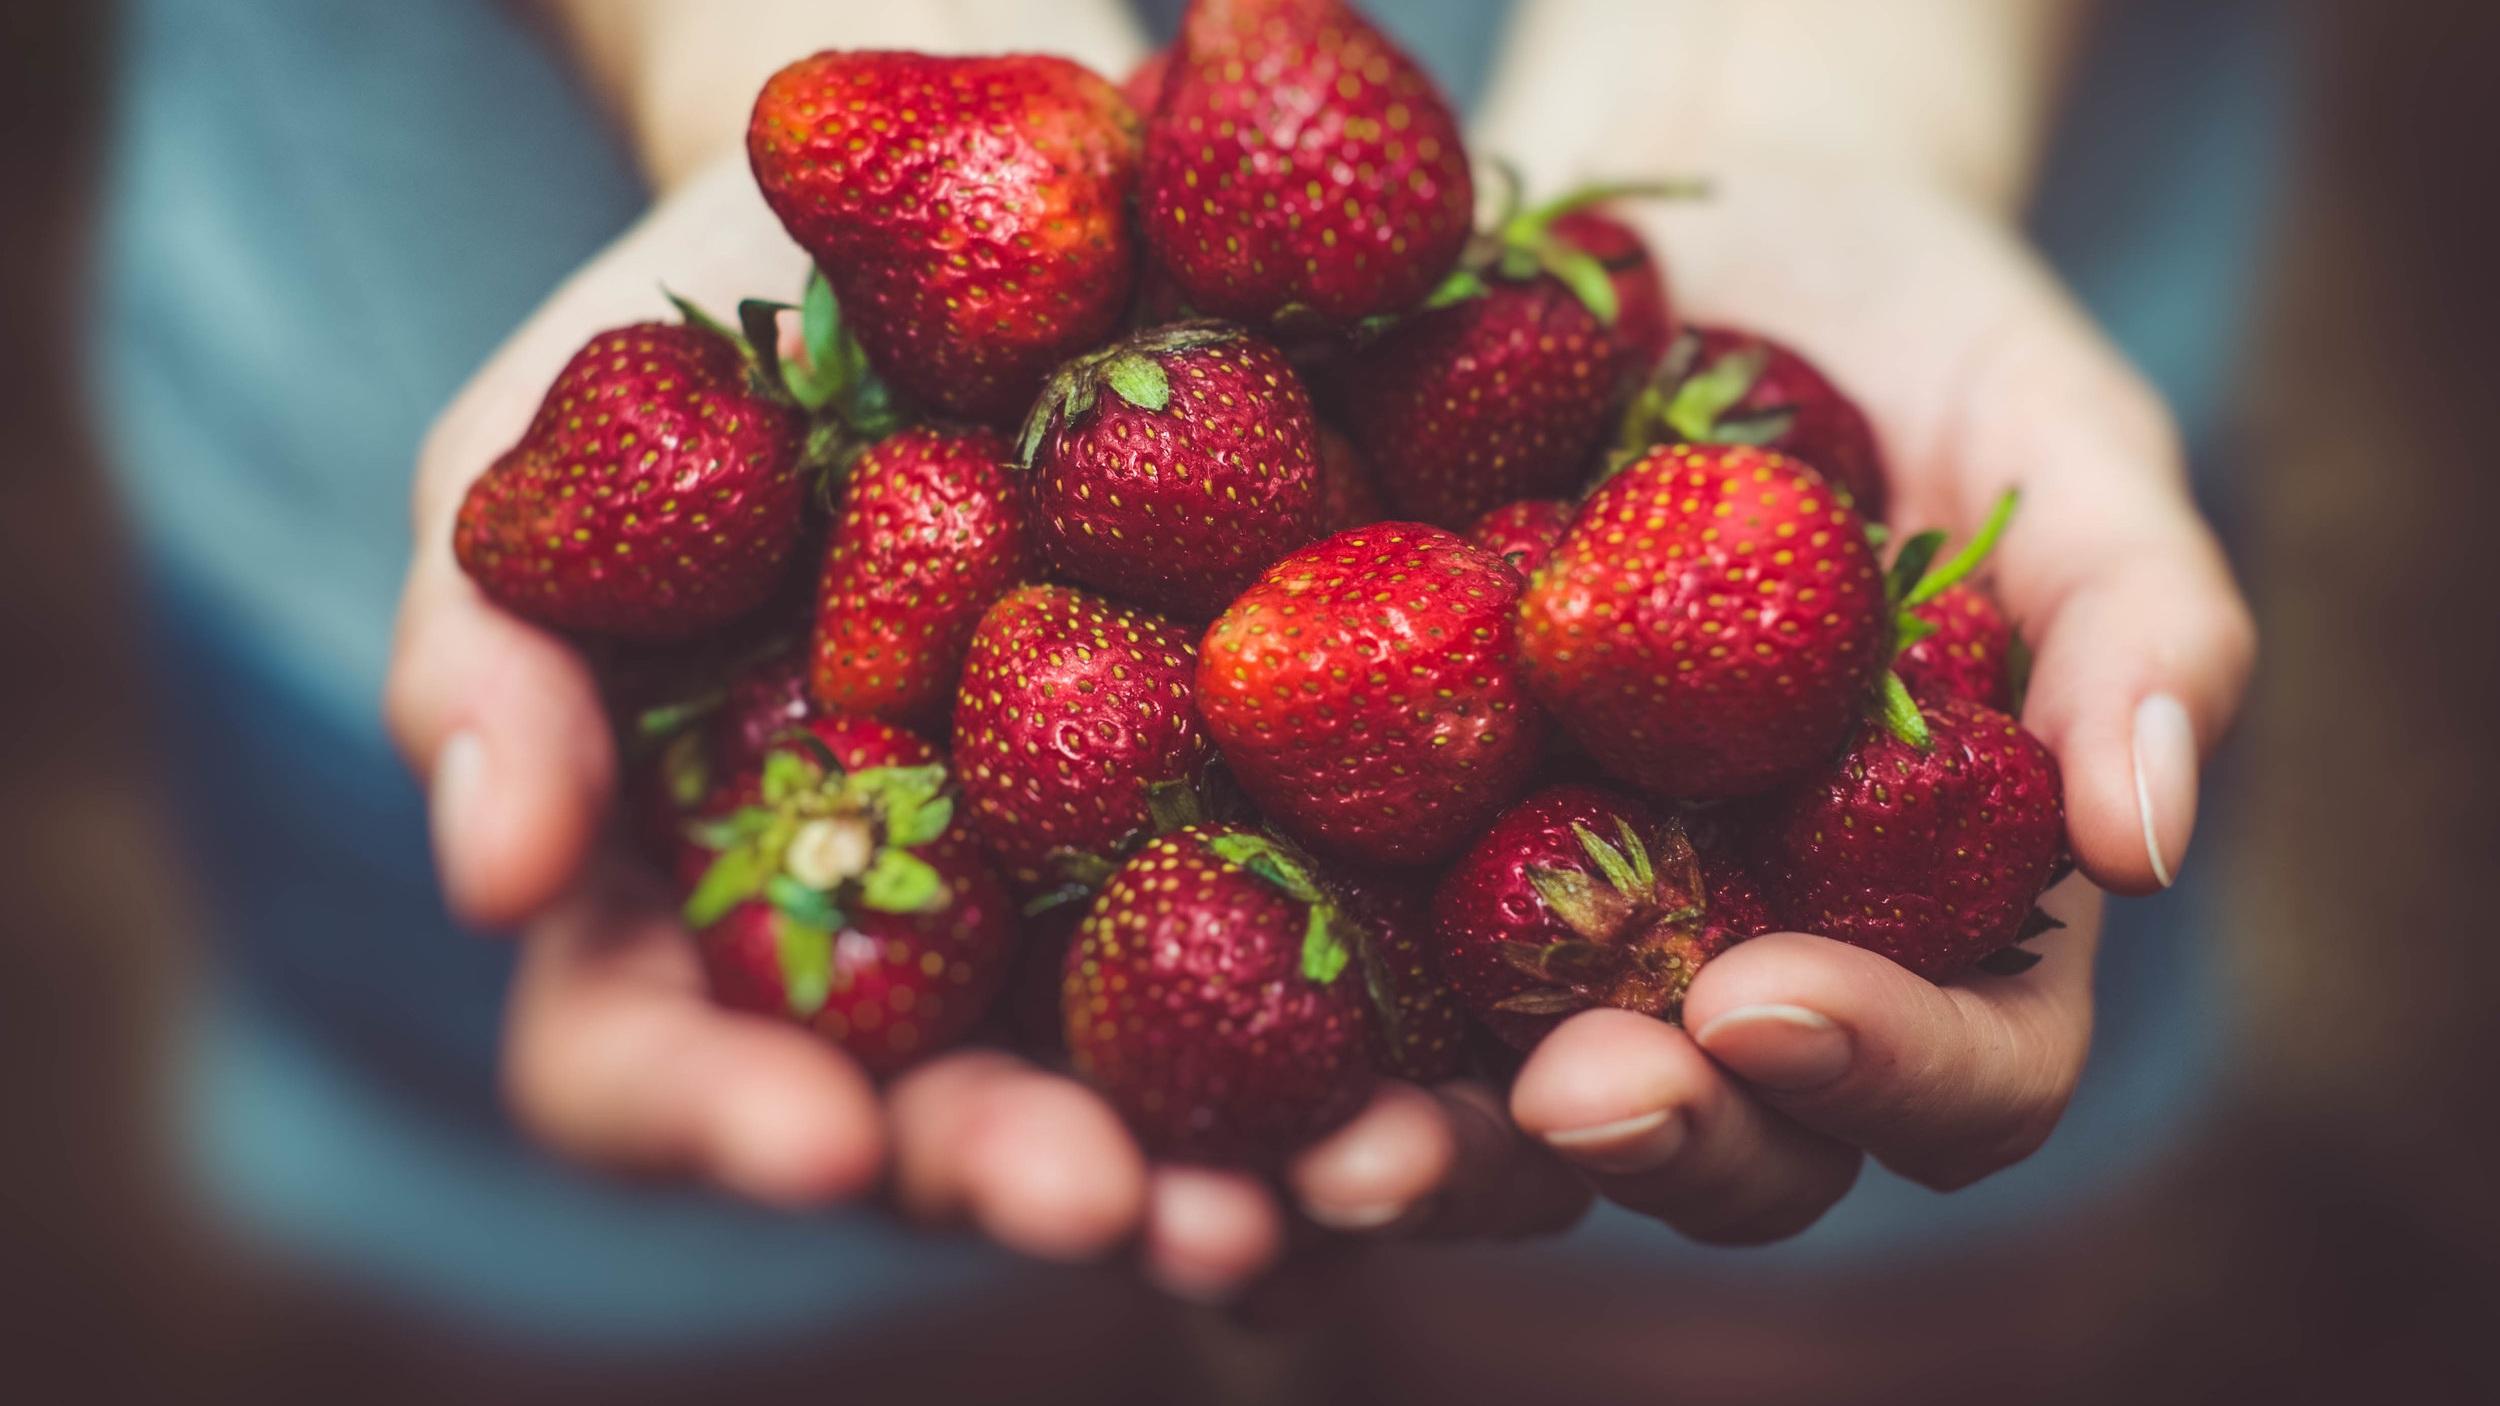 jordbær-bidrager-til-vitaminbehovet